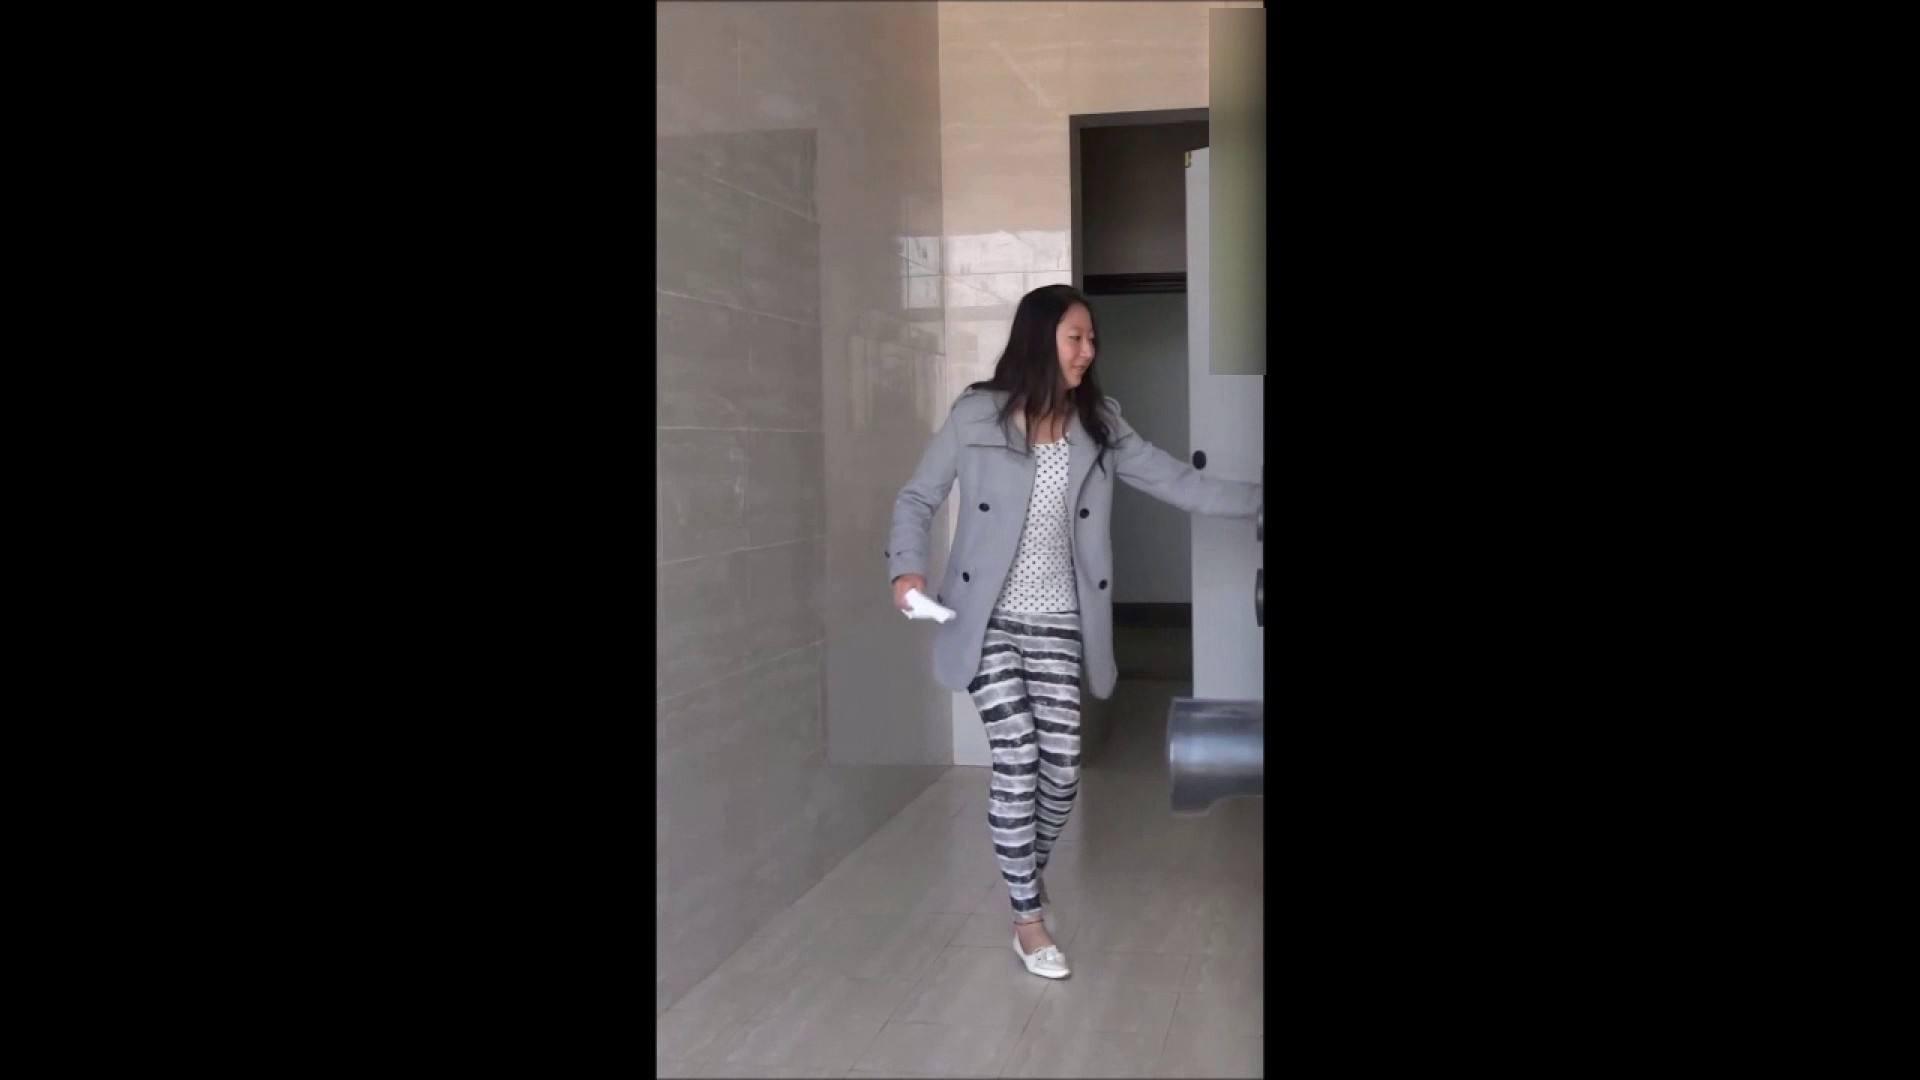 洗面所盗撮~隣の美人お姉さんVol.29 洗面所 盗撮セックス無修正動画無料 36pic 18